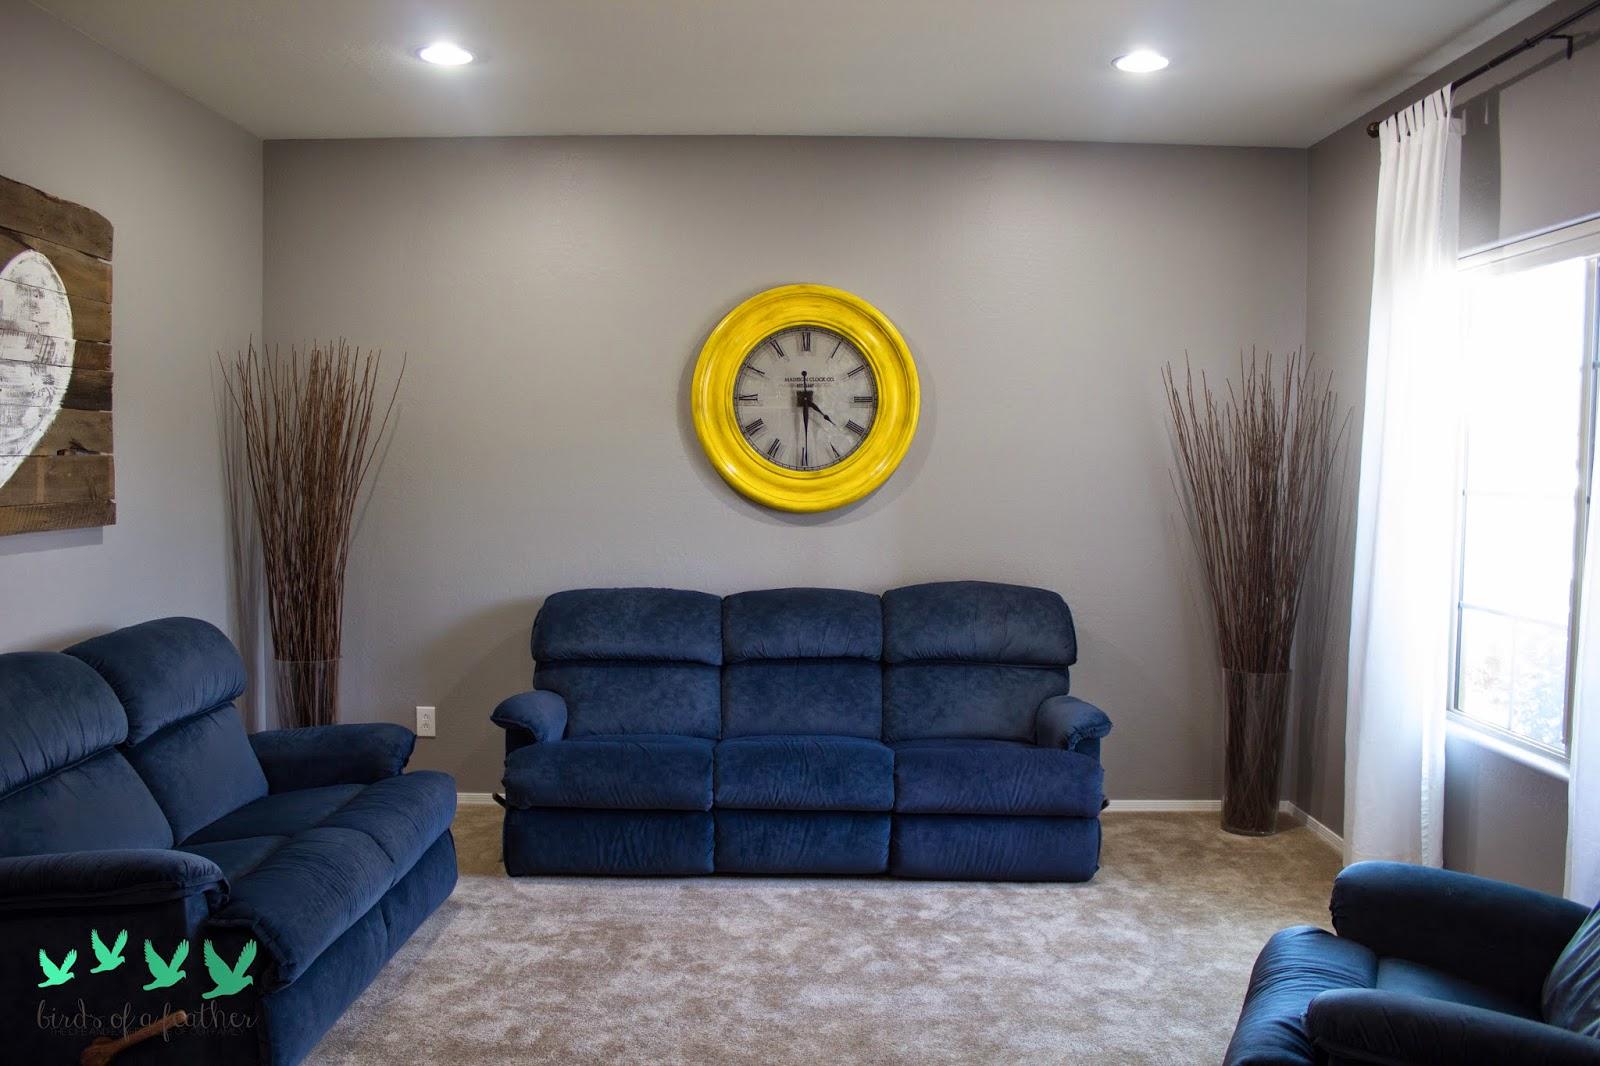 http://fiskefamily.blogspot.com/2014/08/living-room-part-ii.html